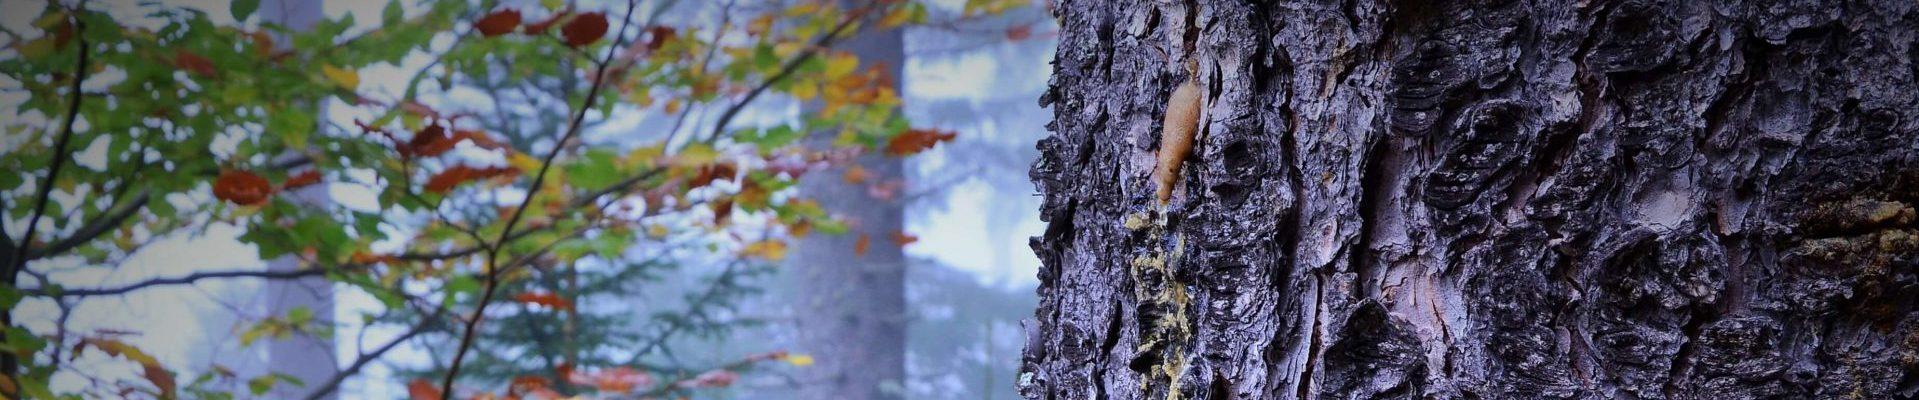 JAGAHANS - Infoblog zu Jagd, Natur und Freizeit